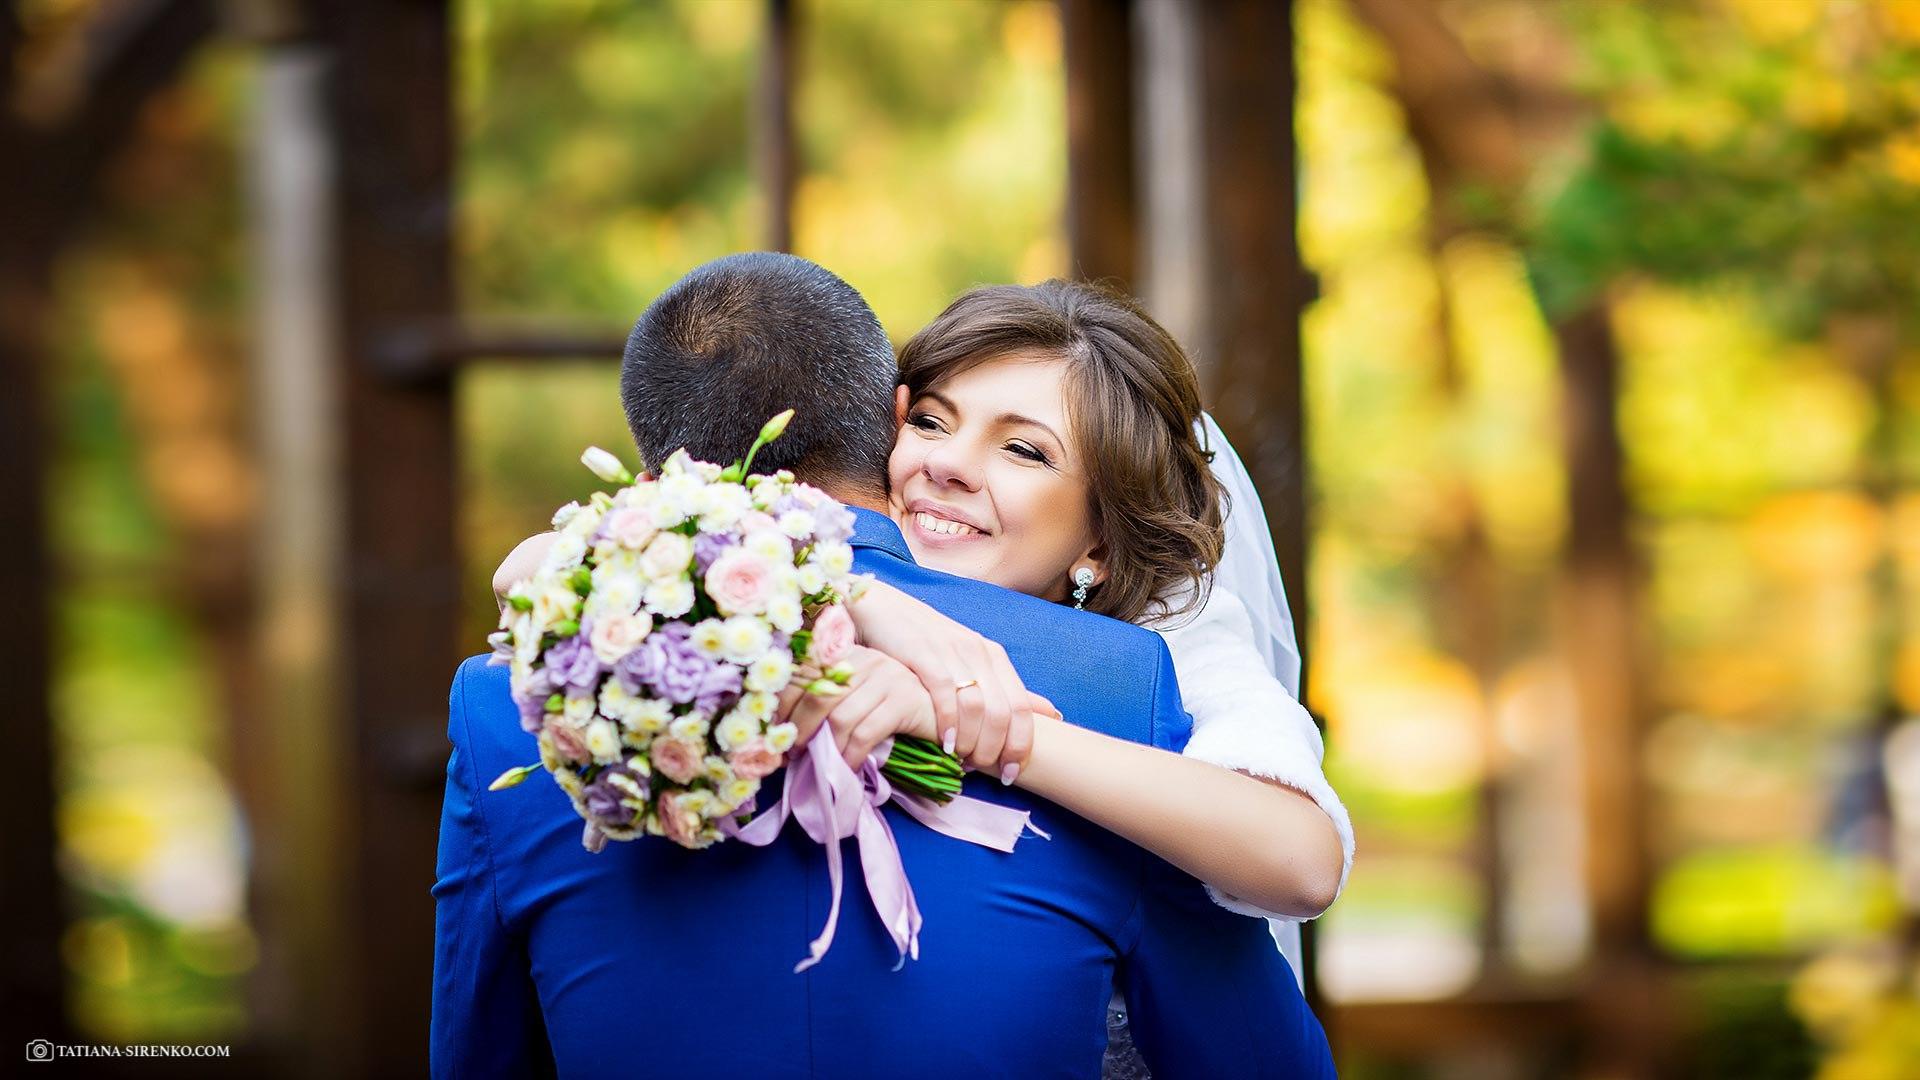 YjJPuEm8zRk - Денежные конкурсы на свадьбе: пять причин отказаться от них